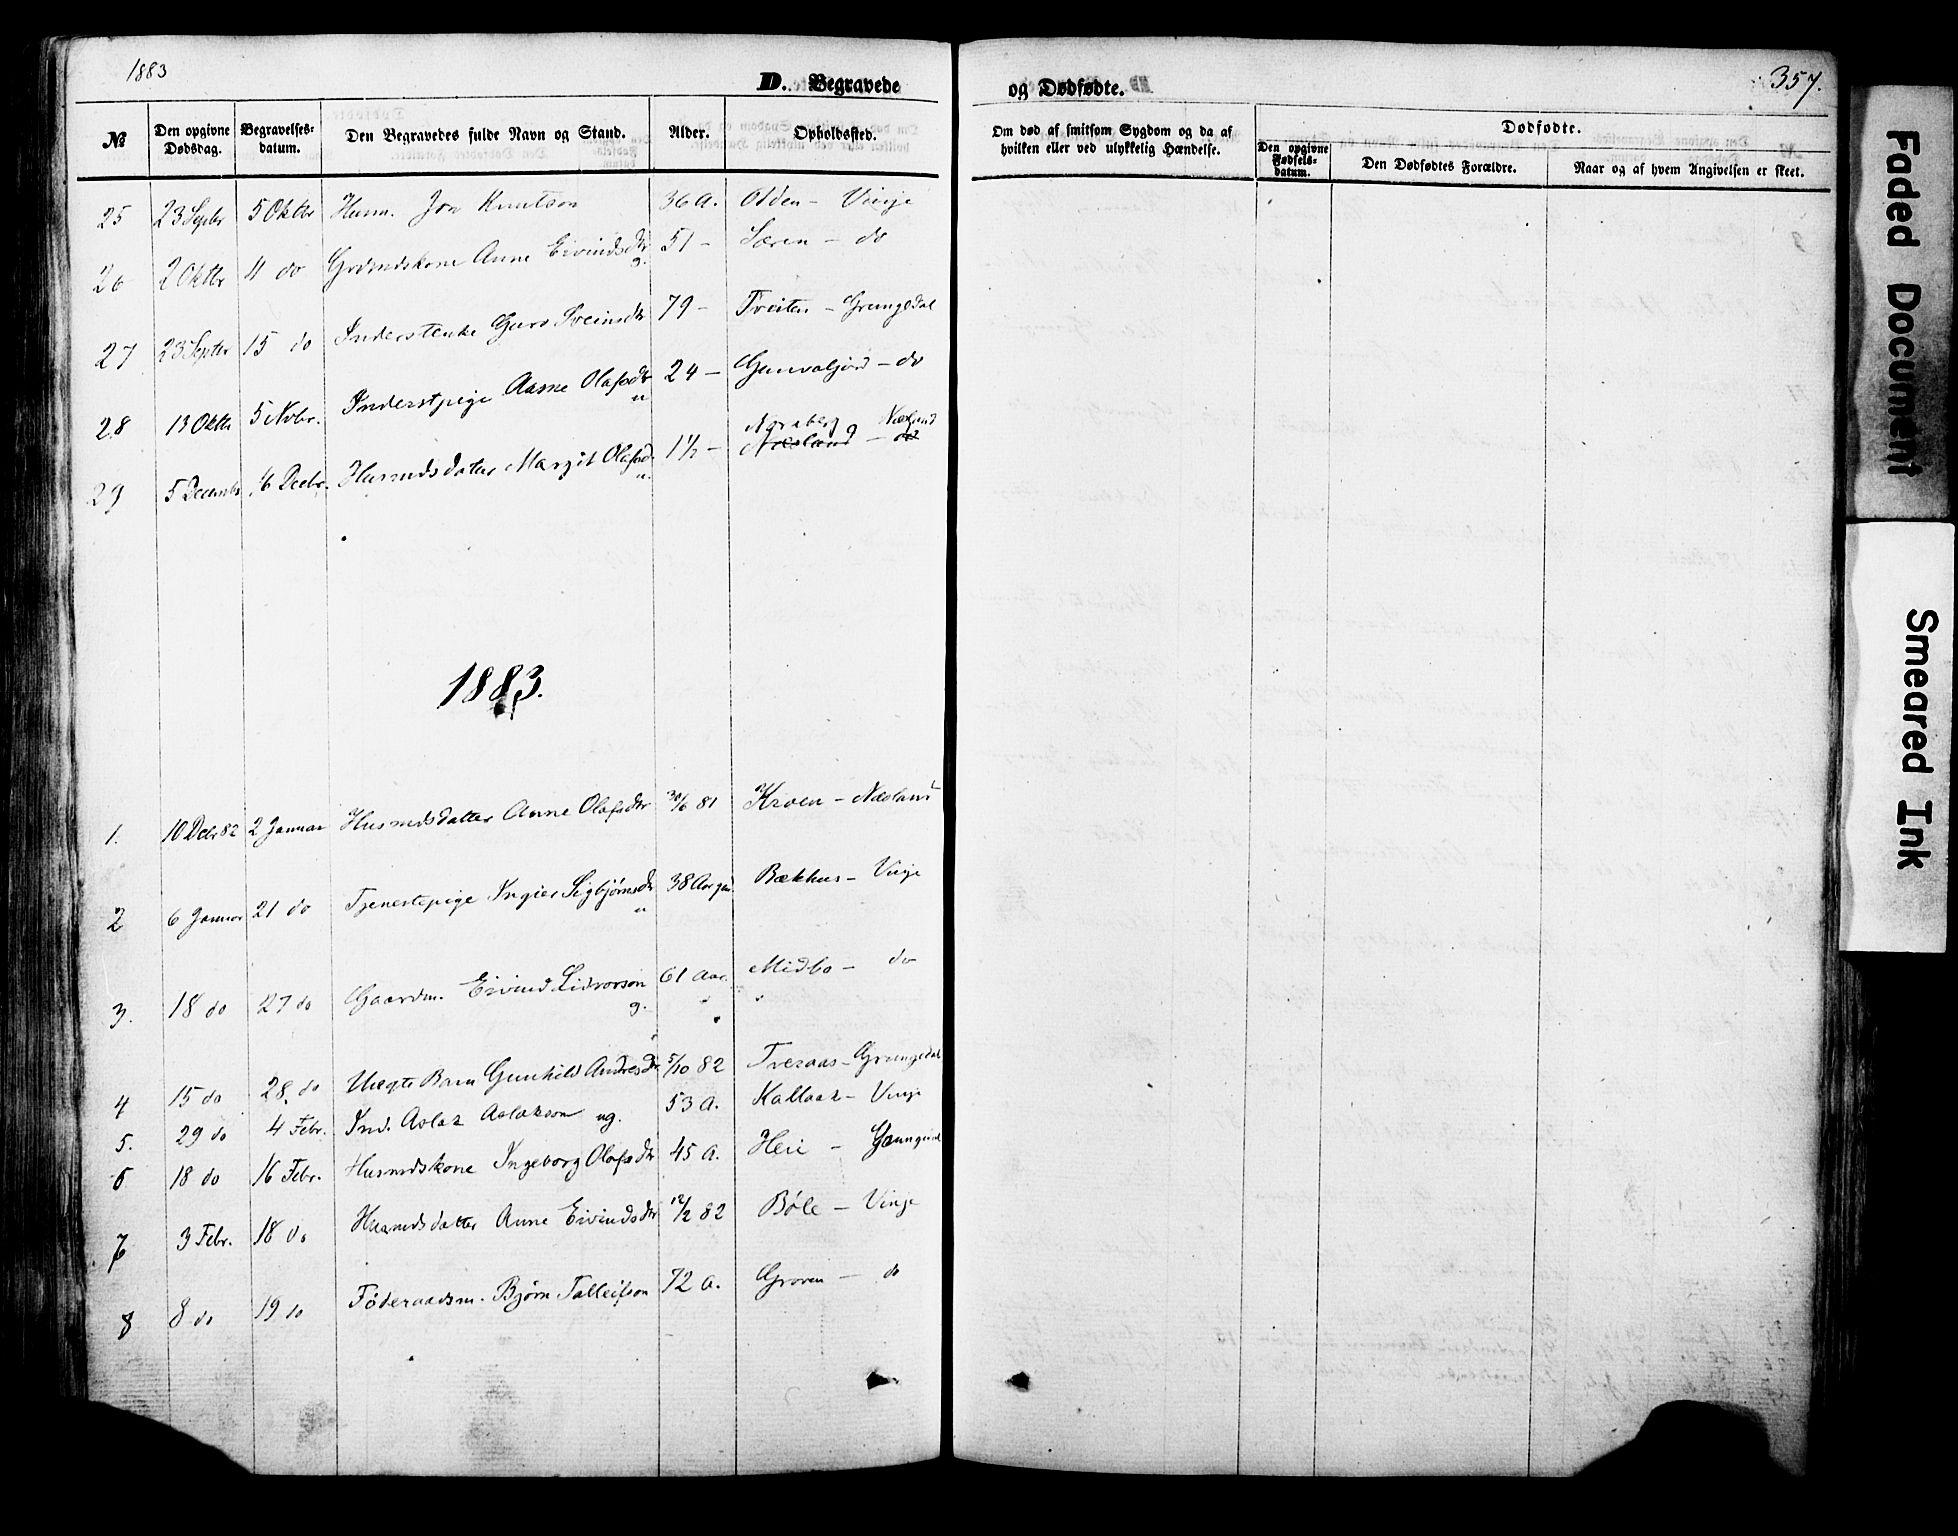 SAKO, Vinje kirkebøker, F/Fa/L0005: Ministerialbok nr. I 5, 1870-1886, s. 357